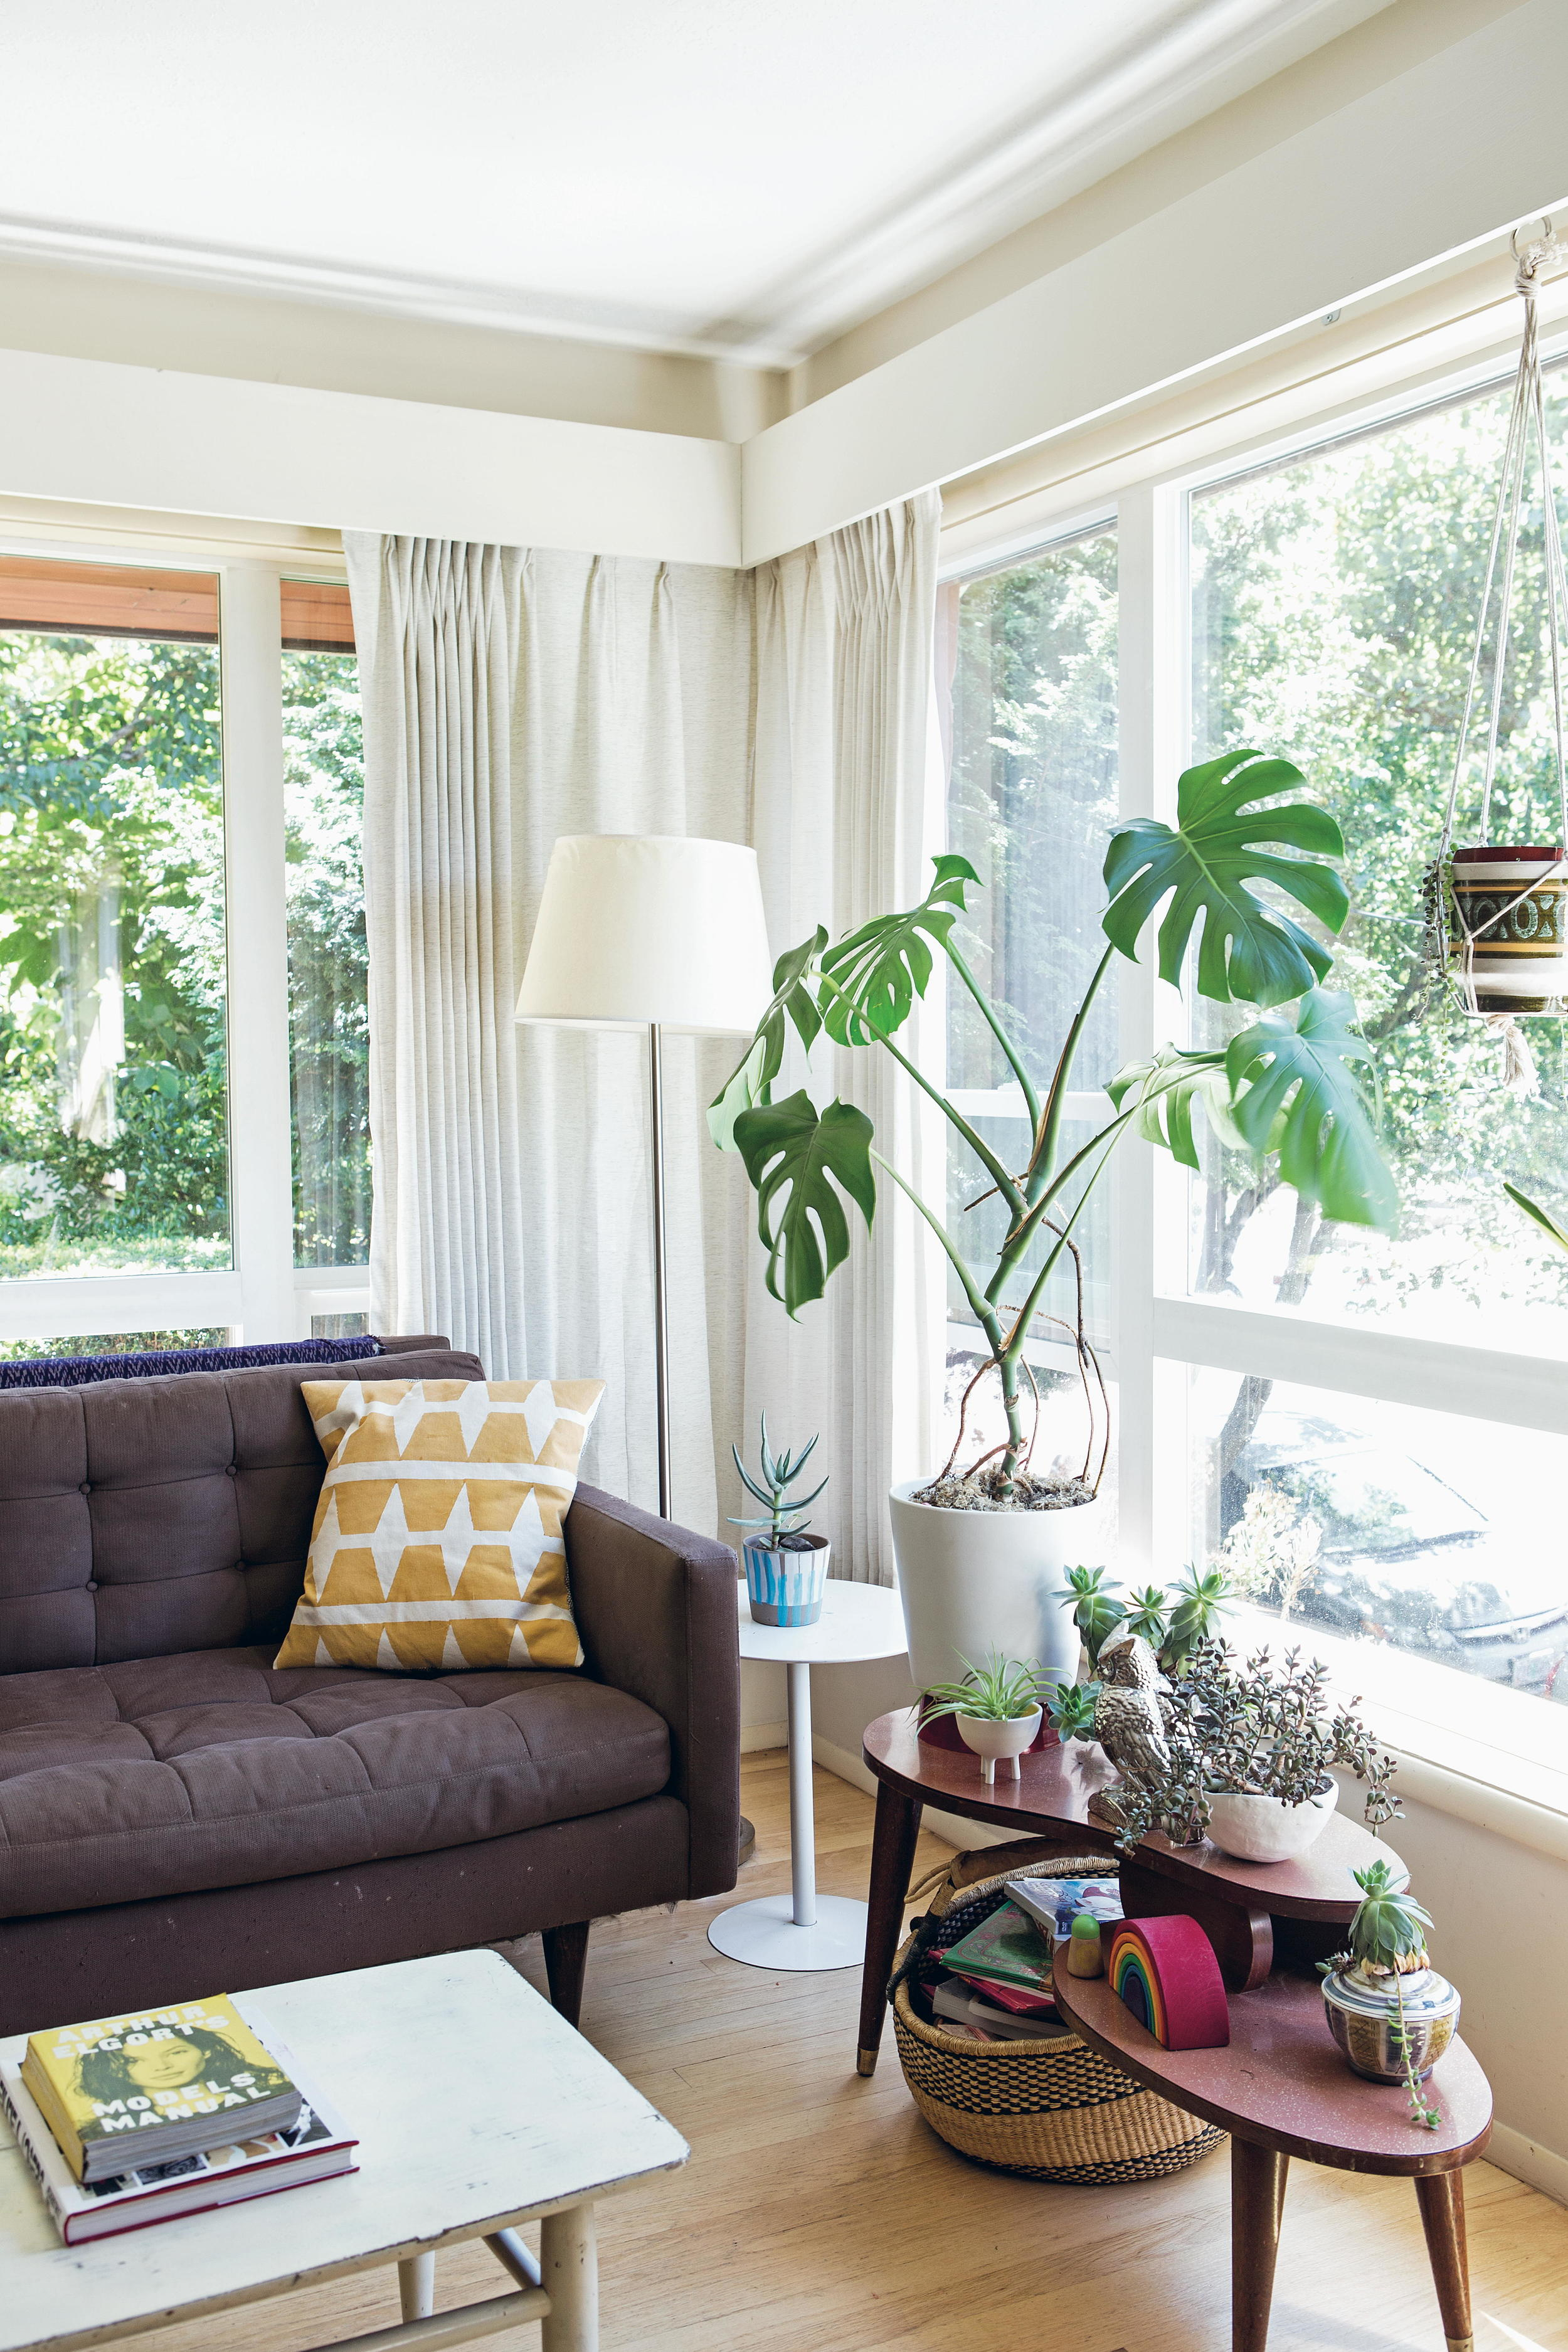 092_RPS1760_Joyce_livingroom03.jpg